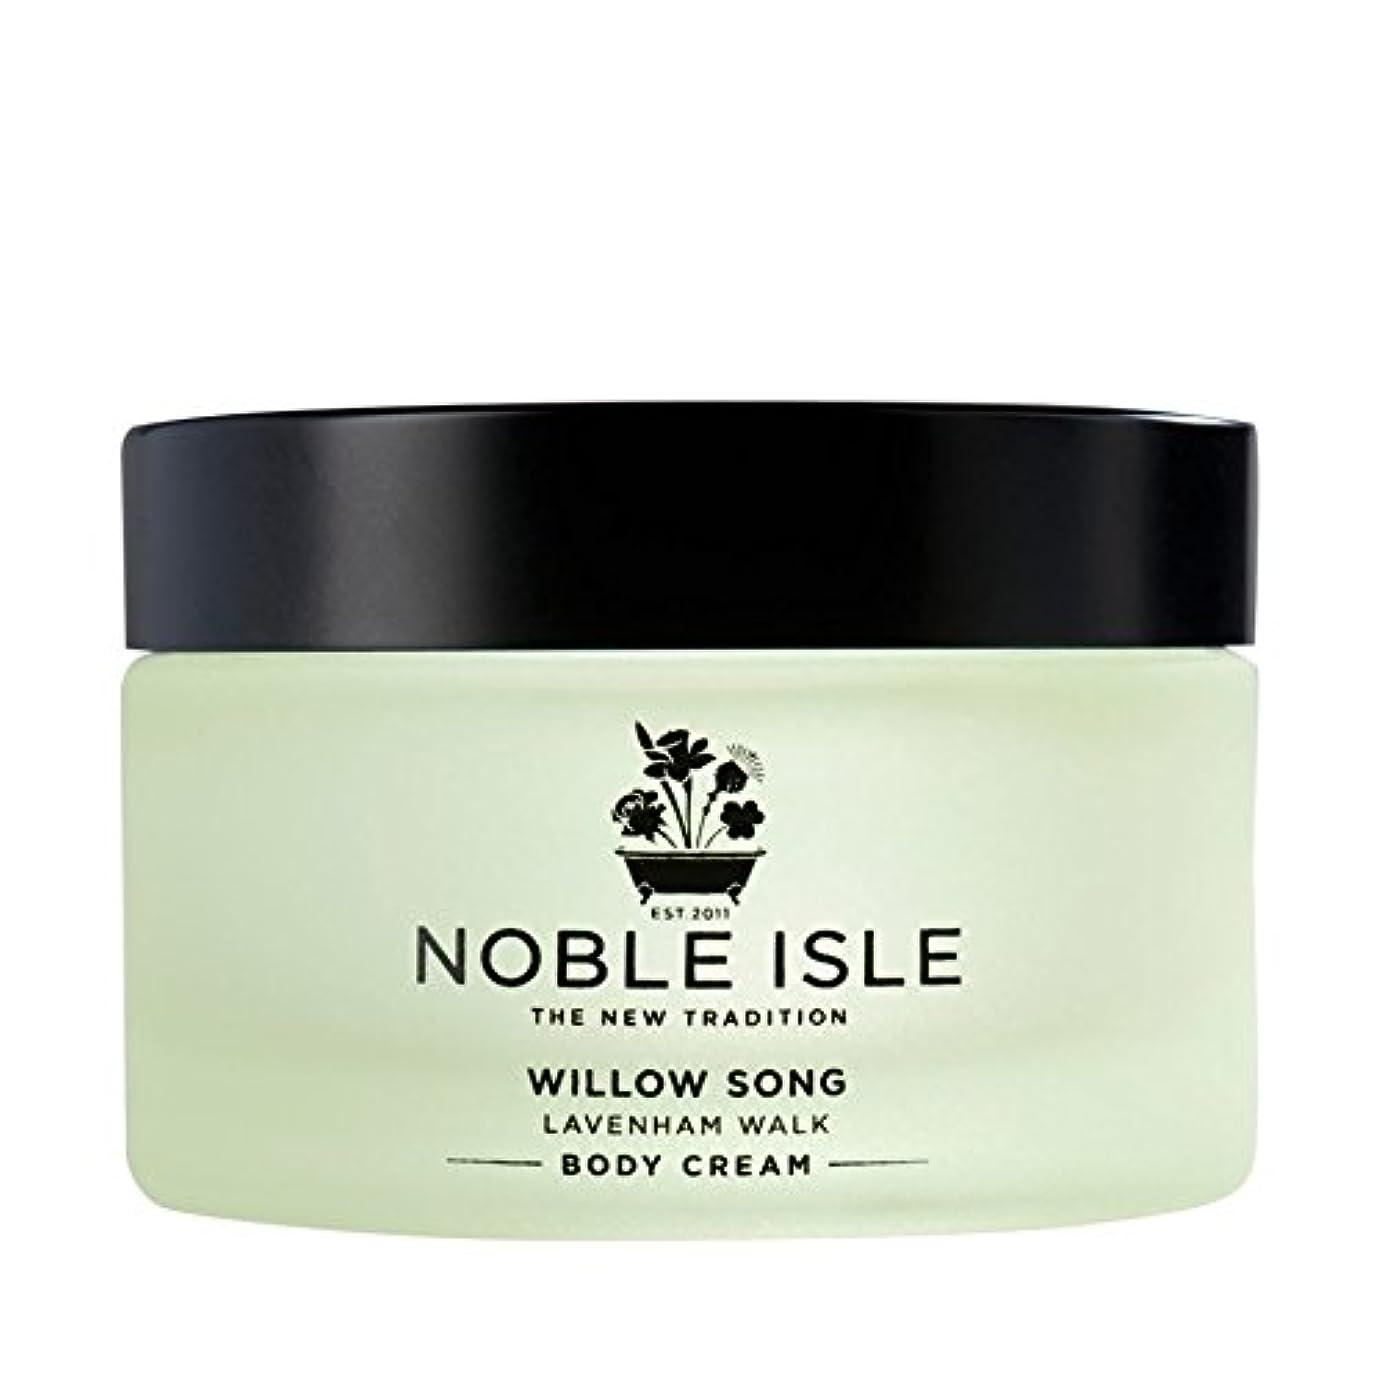 ブランド名聴く生産性高貴な島柳の歌ラヴァンハム徒歩ボディクリーム170ミリリットル x2 - Noble Isle Willow Song Lavenham Walk Body Cream 170ml (Pack of 2) [並行輸入品]